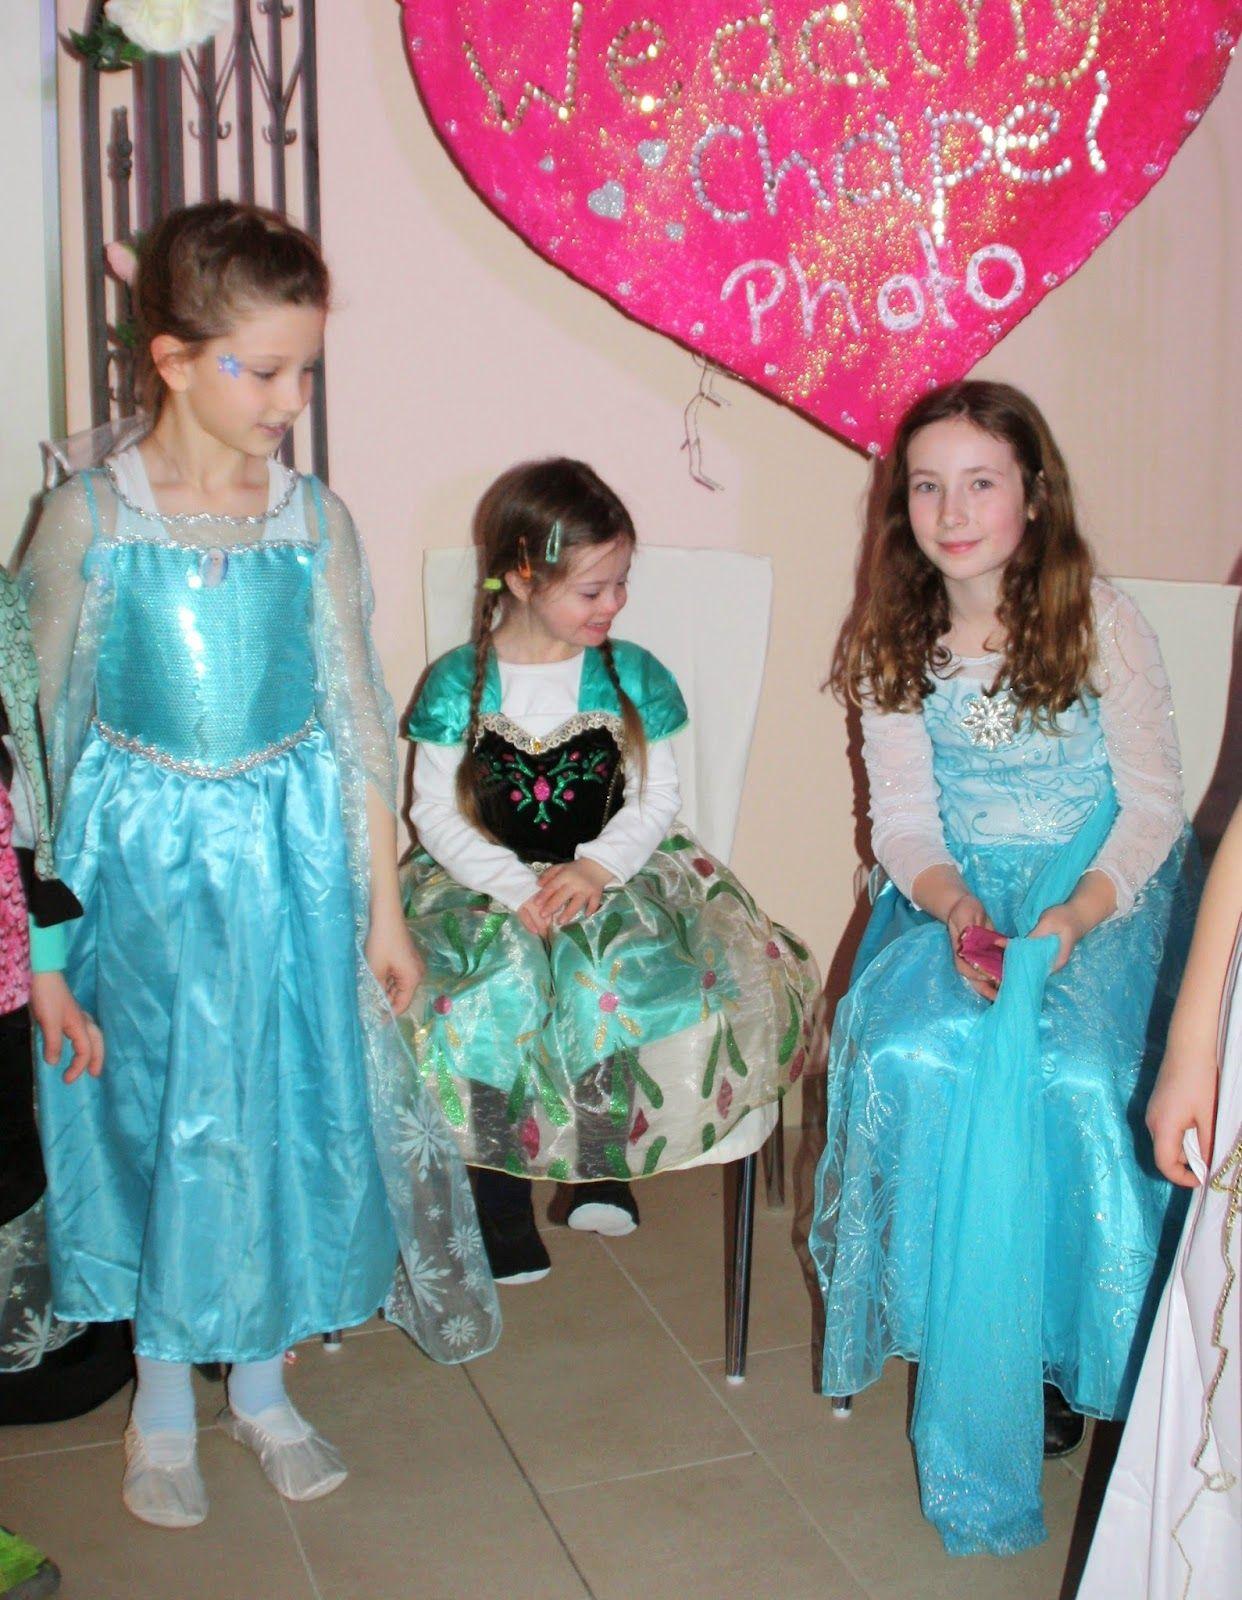 #Frozen #Eiskönigin Anna und 2 Elsas Jolinas Welt: Hellau!! 2. Faschingswochenende erfolgreich hinter uns gebracht